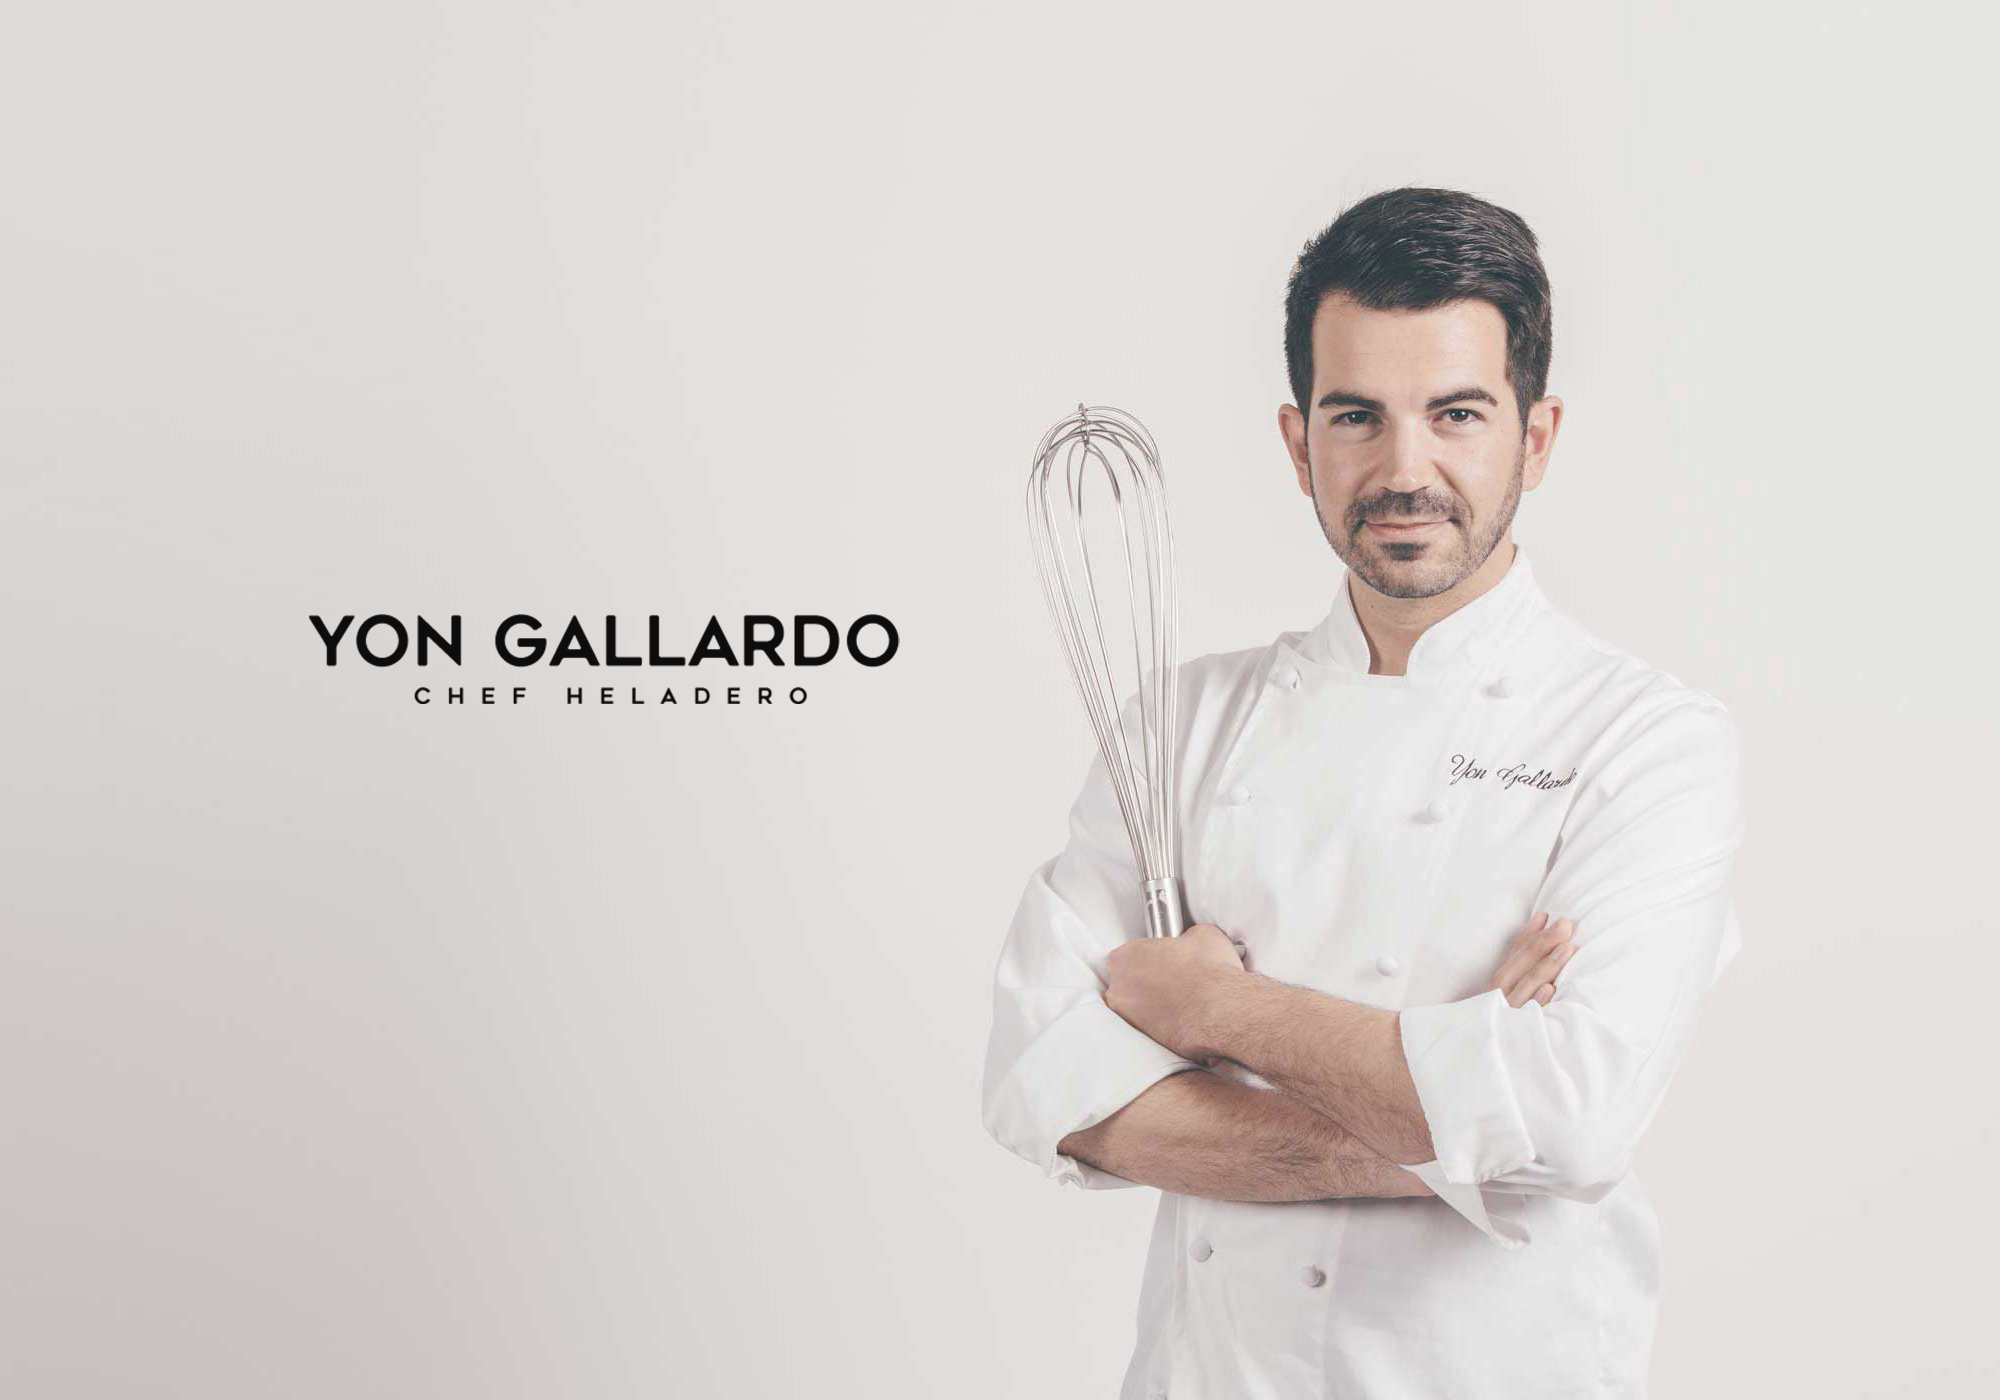 Yon Gallardo - Cursos de heladería artesanal